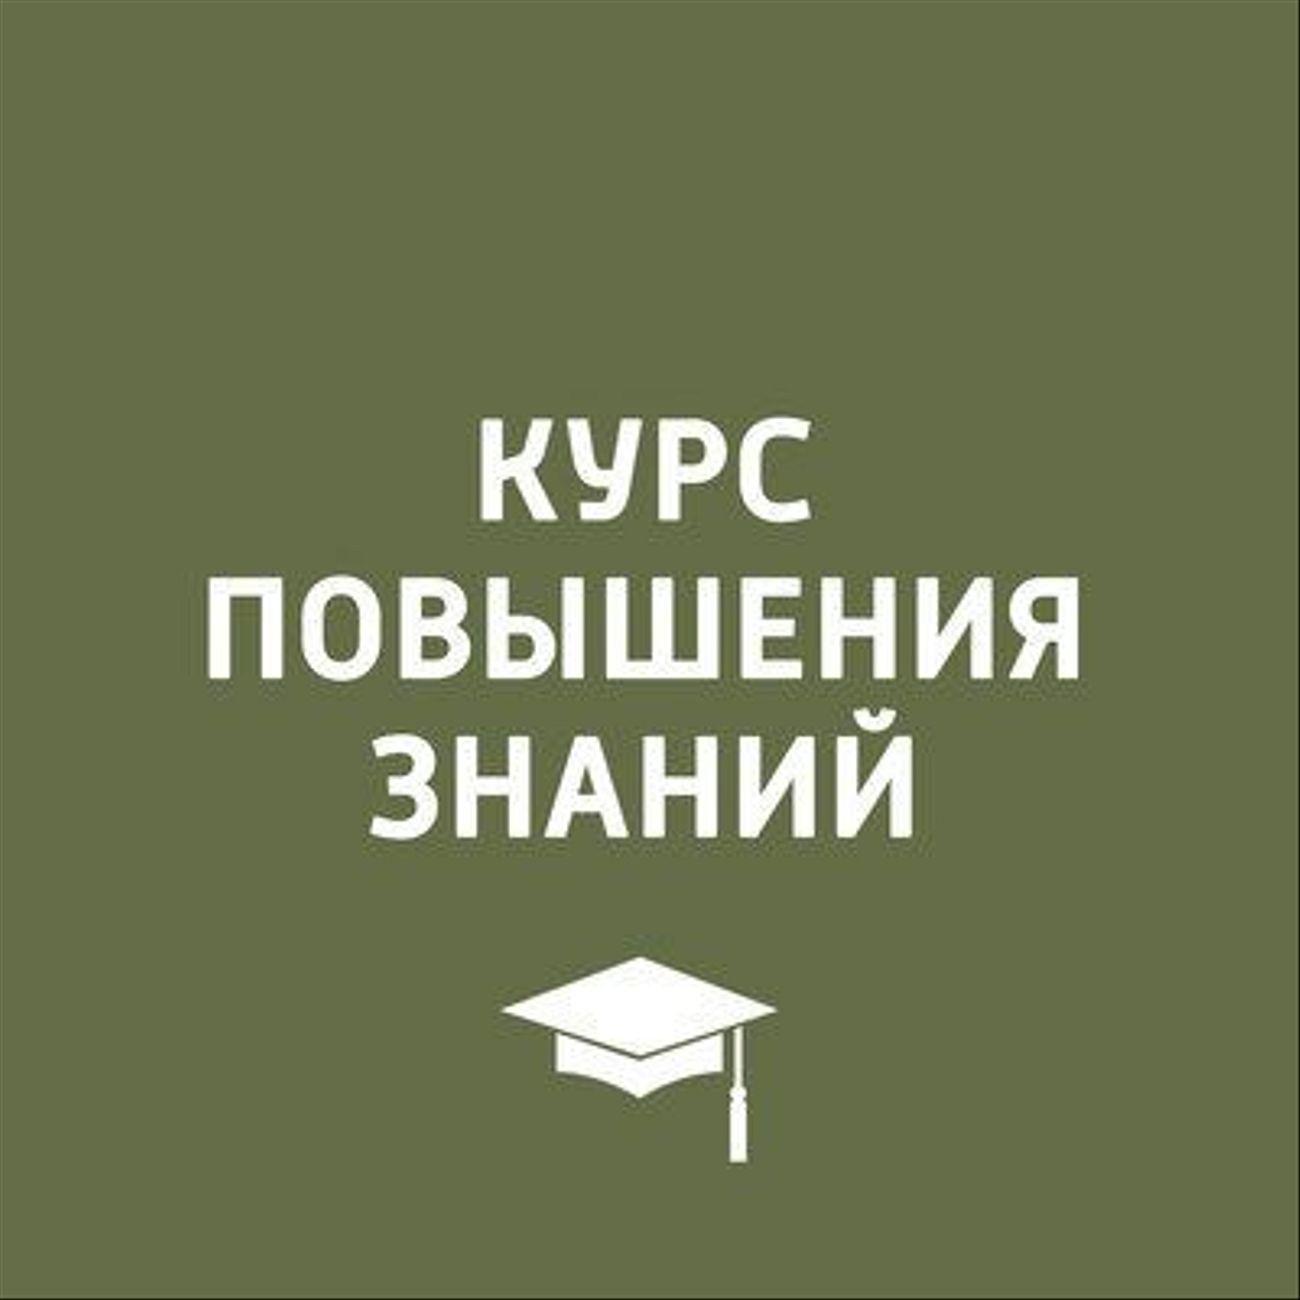 Курс повышения знаний